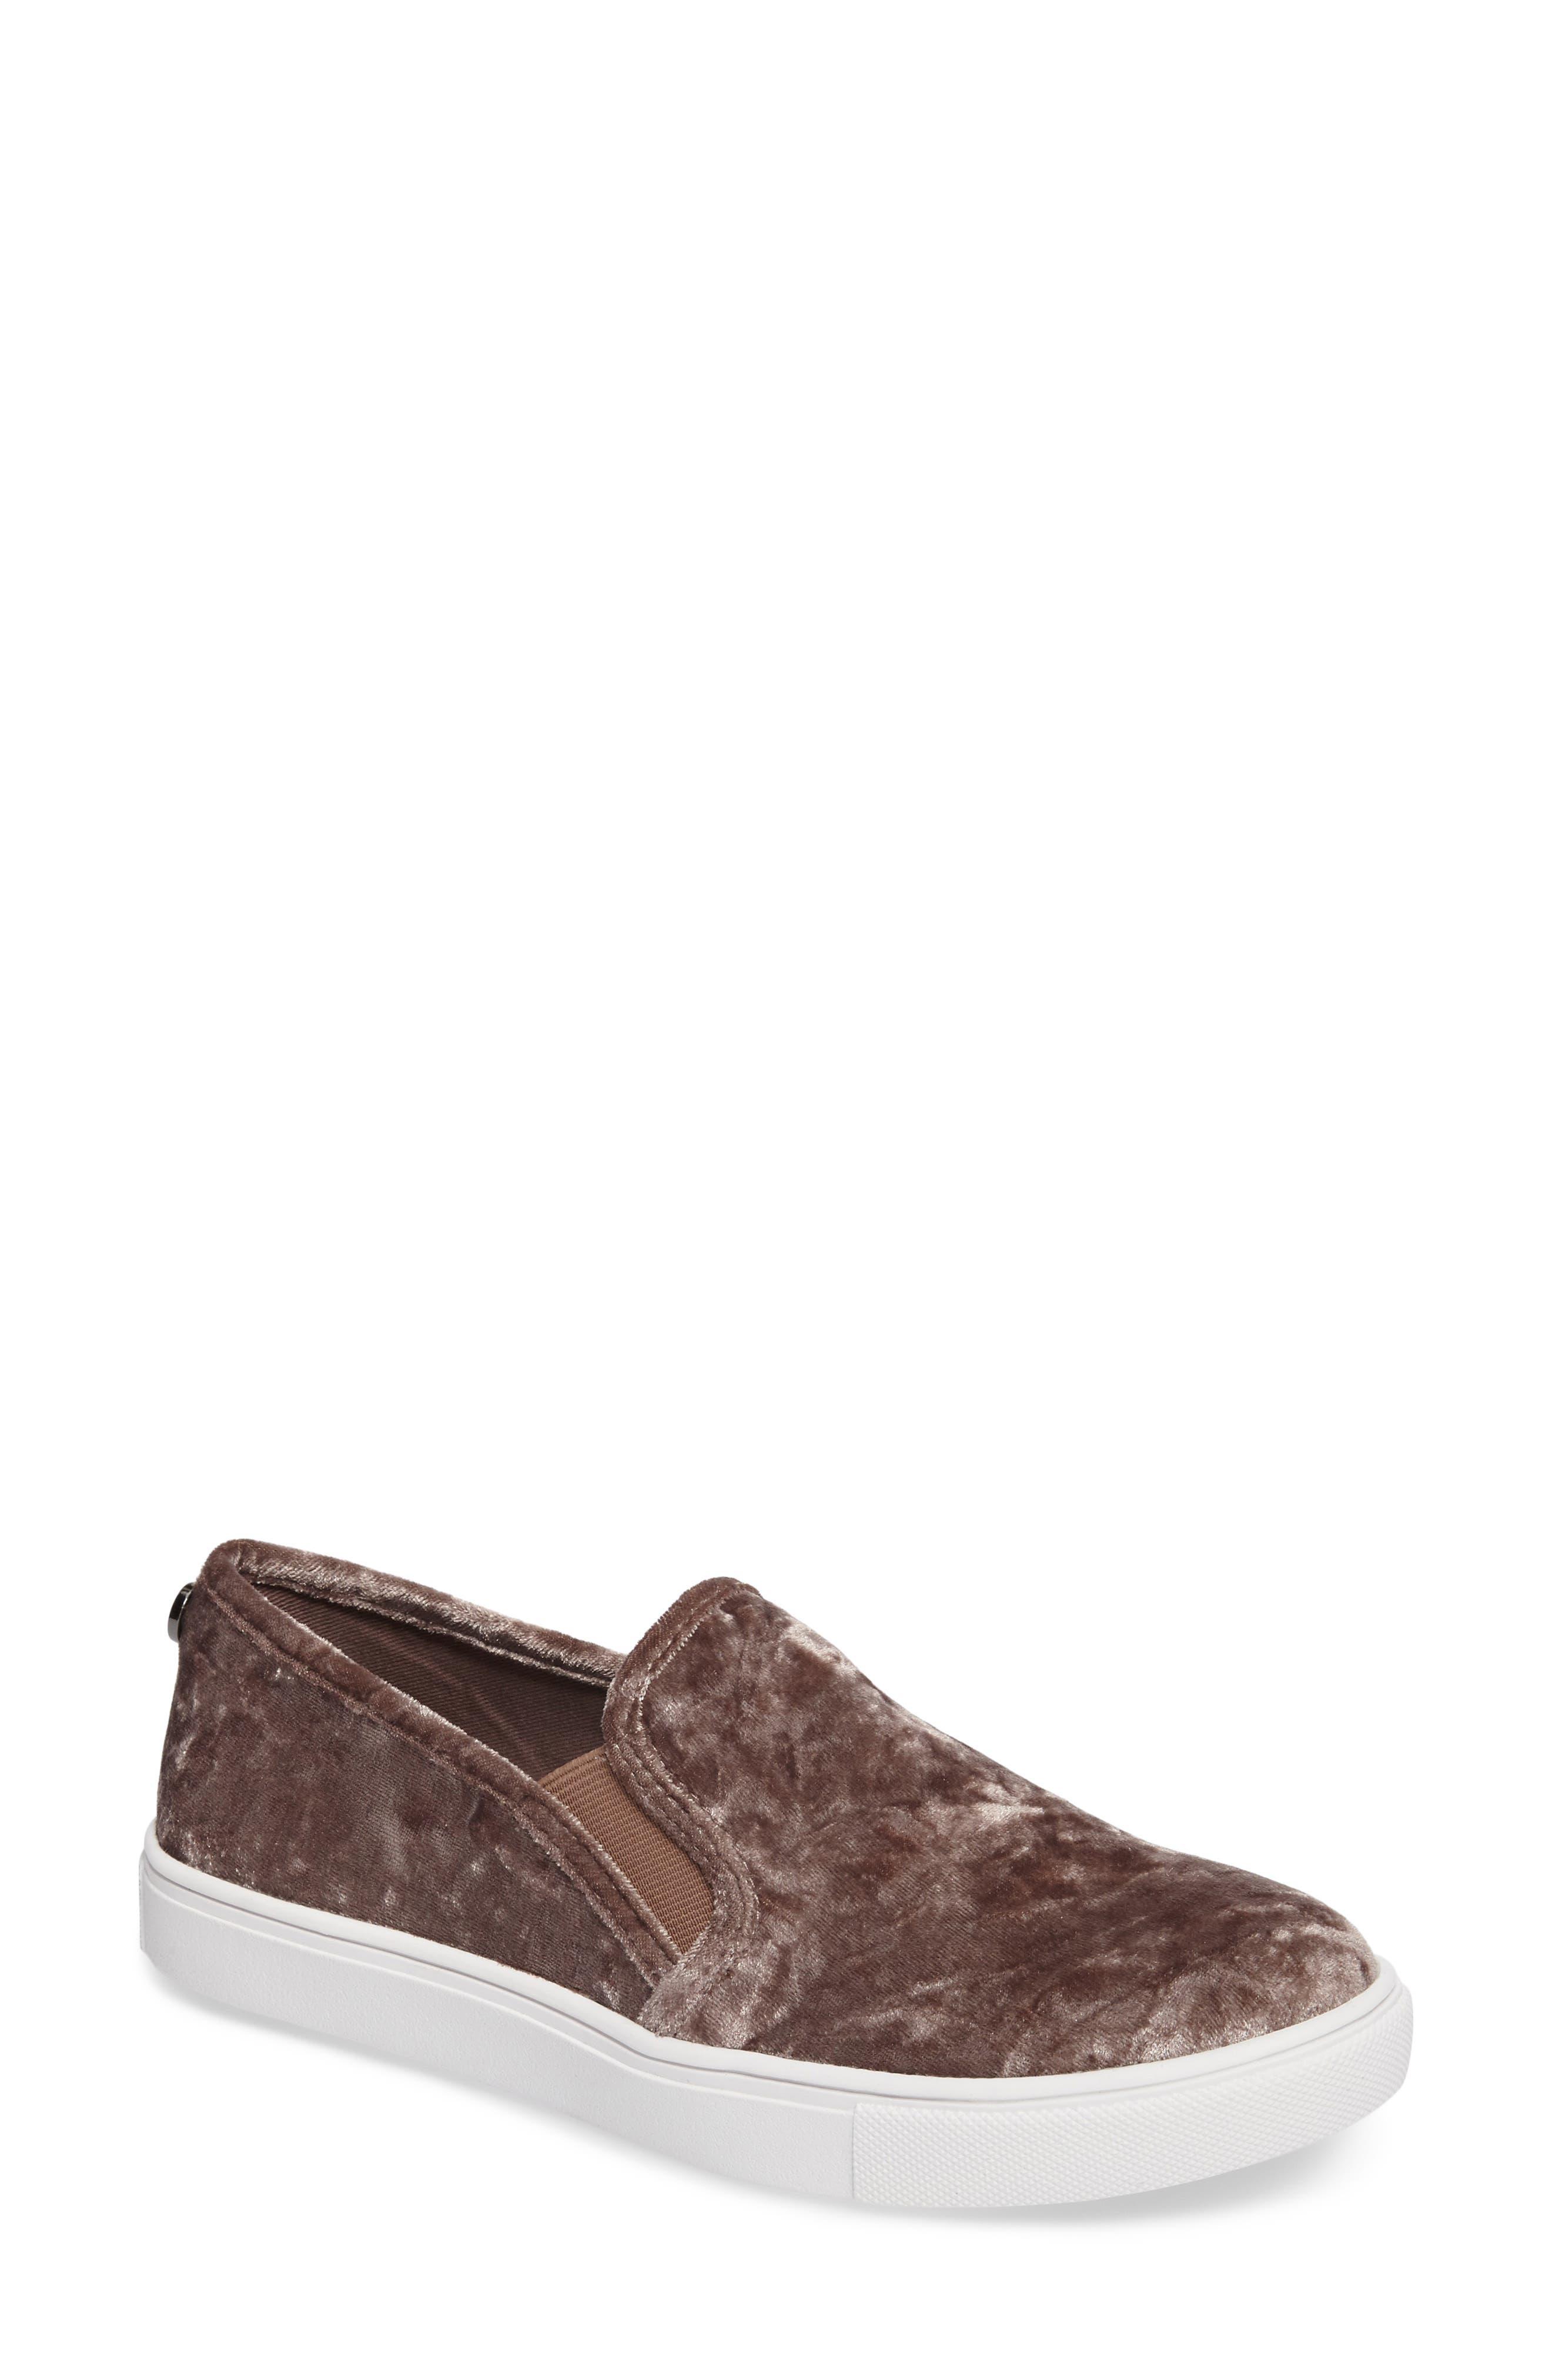 Ecntrcv Slip-On Sneaker,                         Main,                         color,